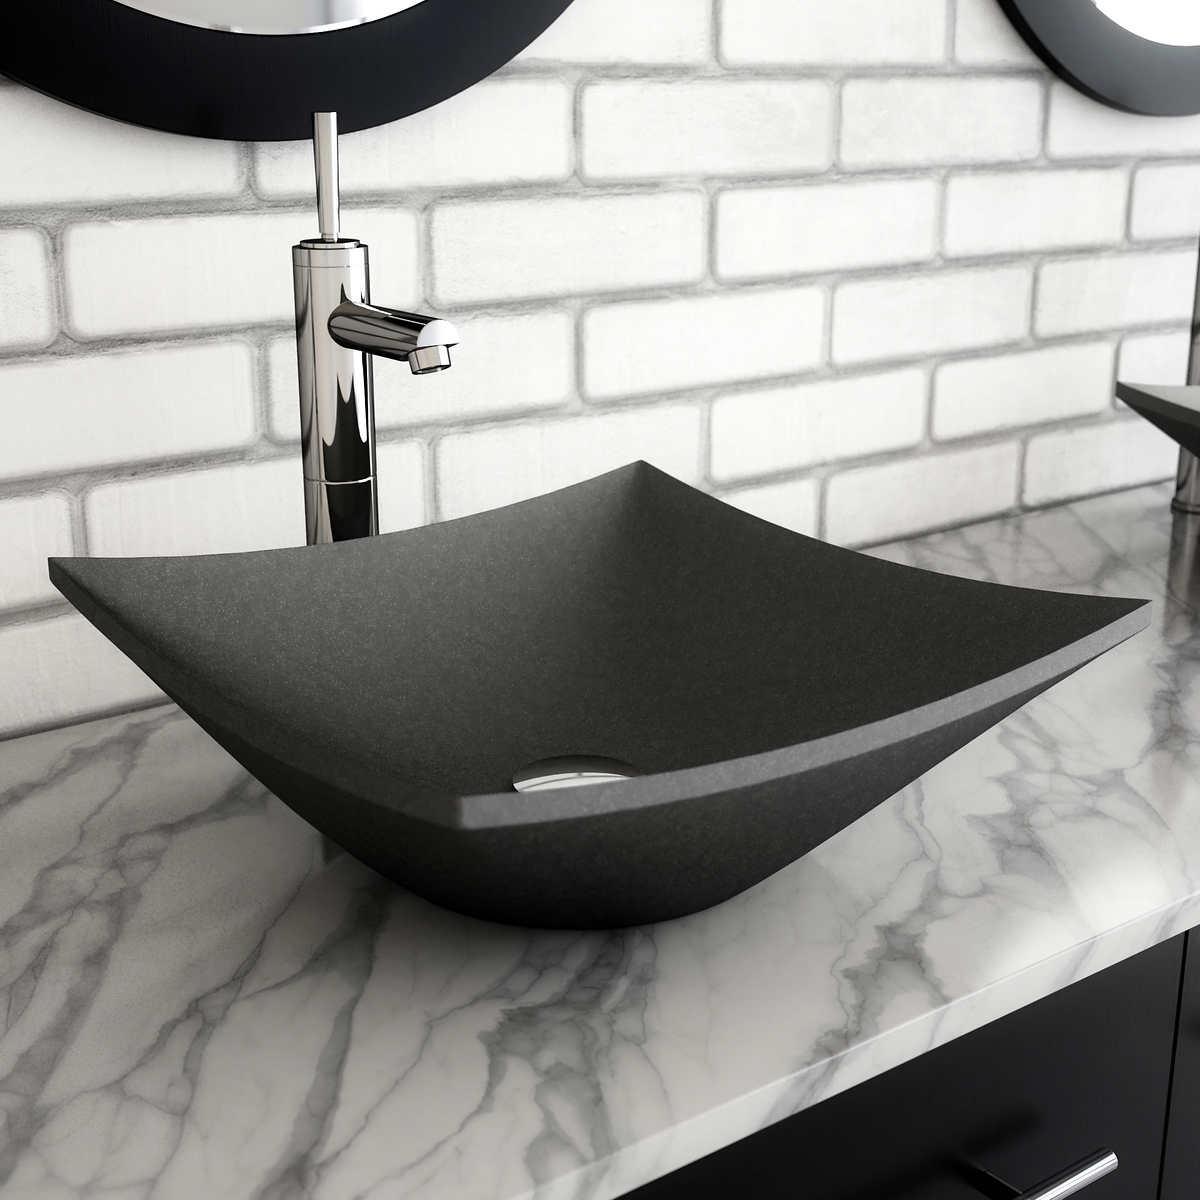 Bathroom Sink.Studio Bathe Mobius Vessel Bathroom Sink